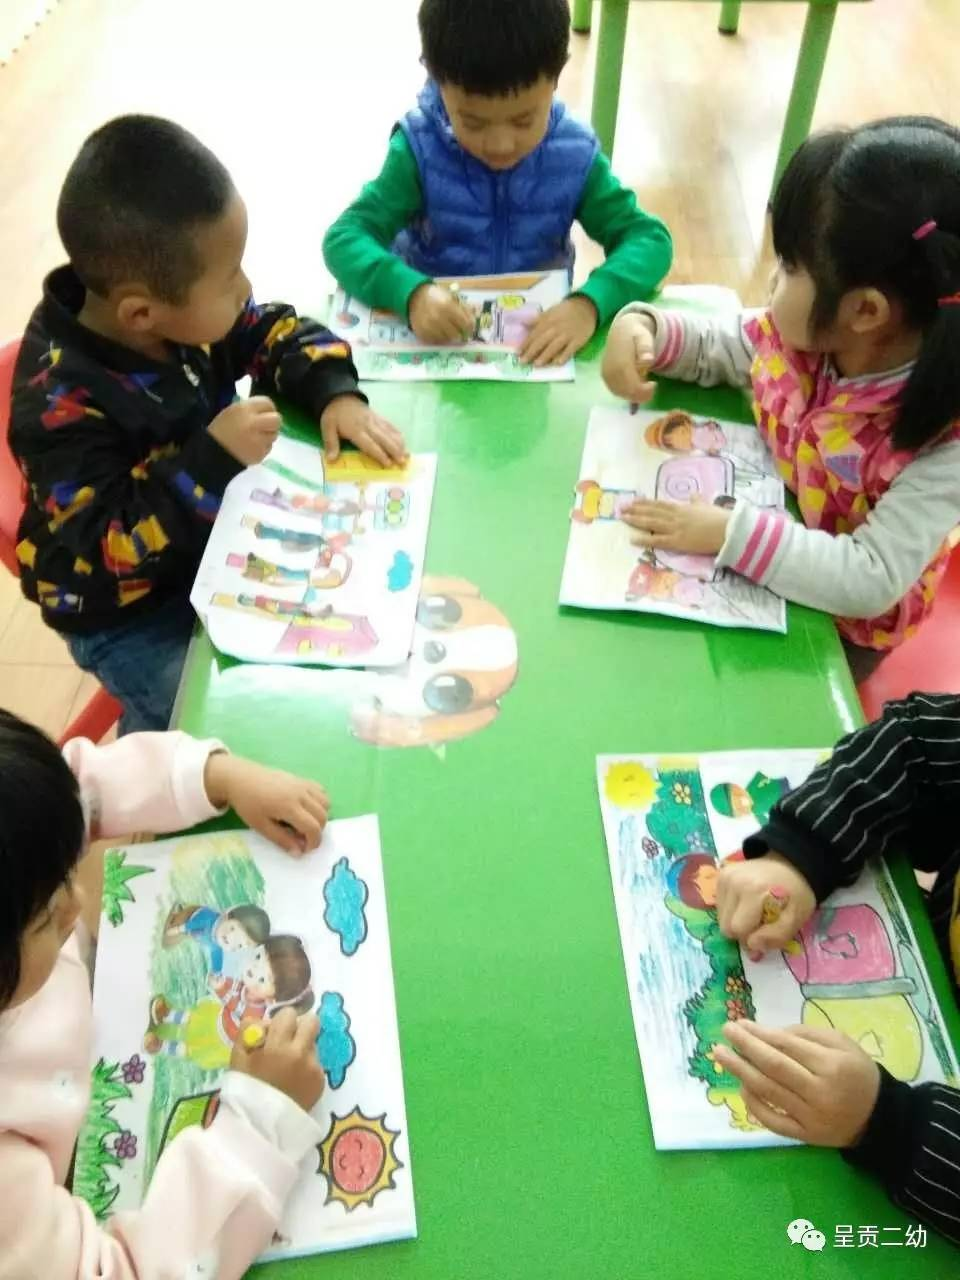 呈贡二幼开展创建全国文明城市主题绘画活动